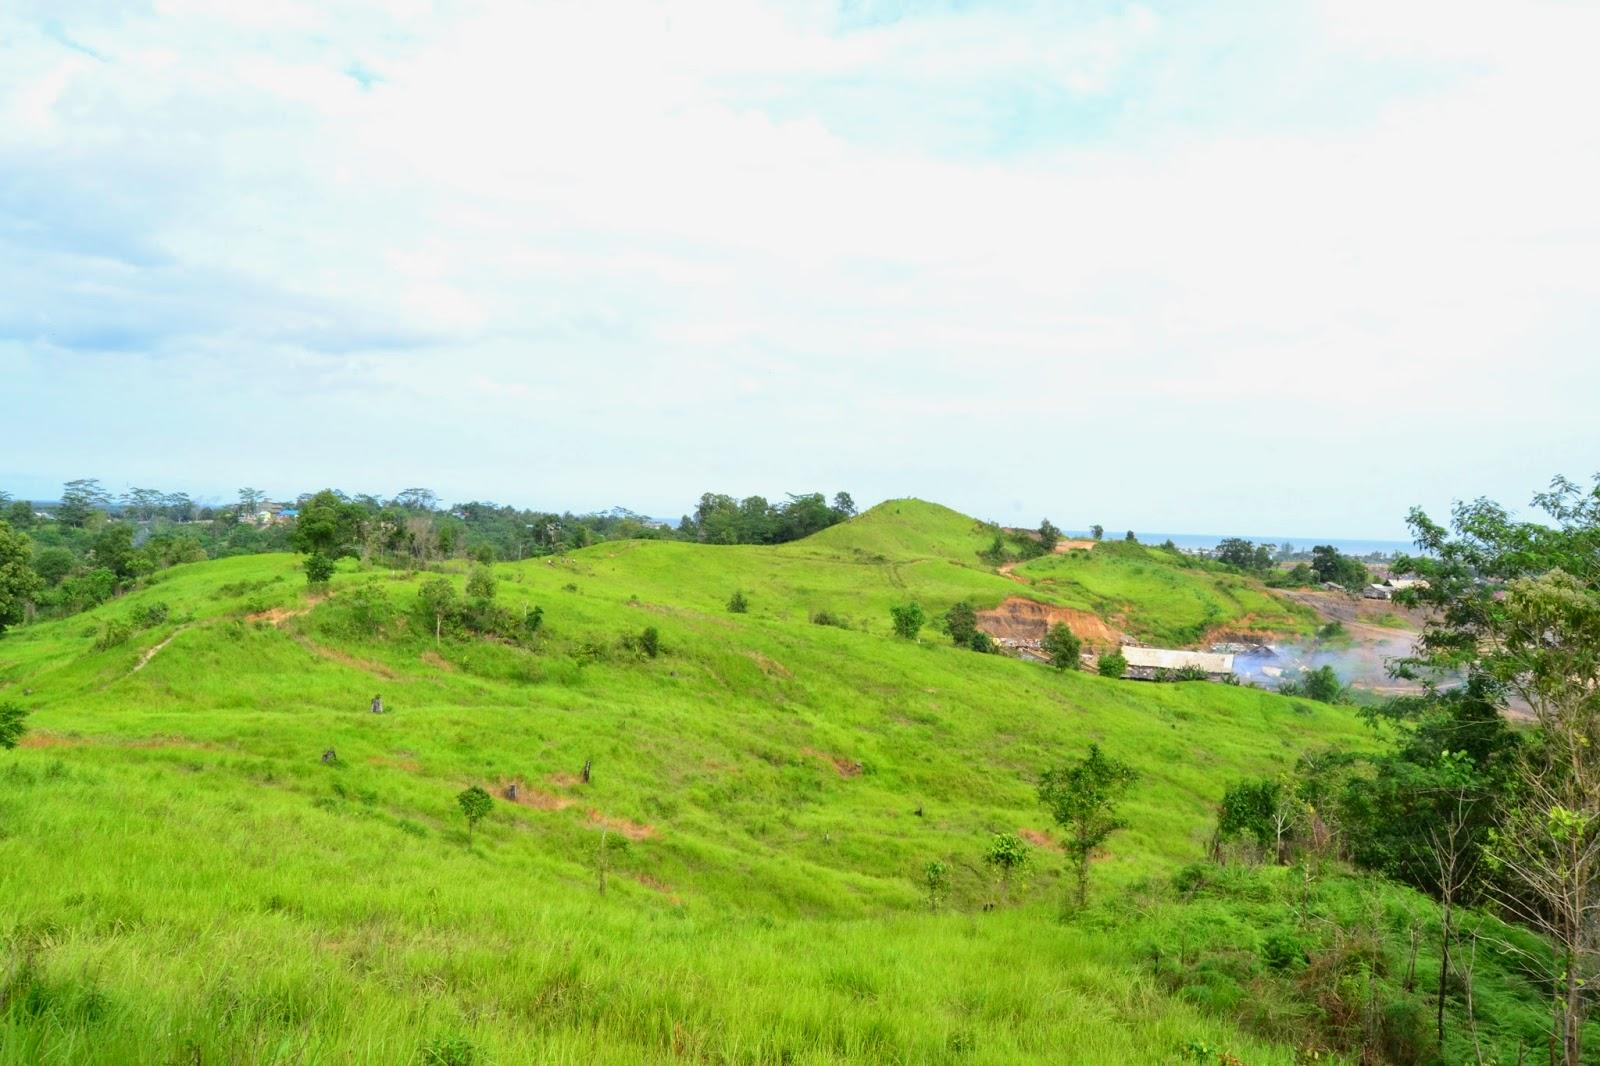 Bukit Alpha atau yang dijuluki Bukit Teletubbies di kawasan Manggar, Kota Balikpapan, Kalimantan Timur. (Sumber foto: tiajulianti.blogspot.co.id)